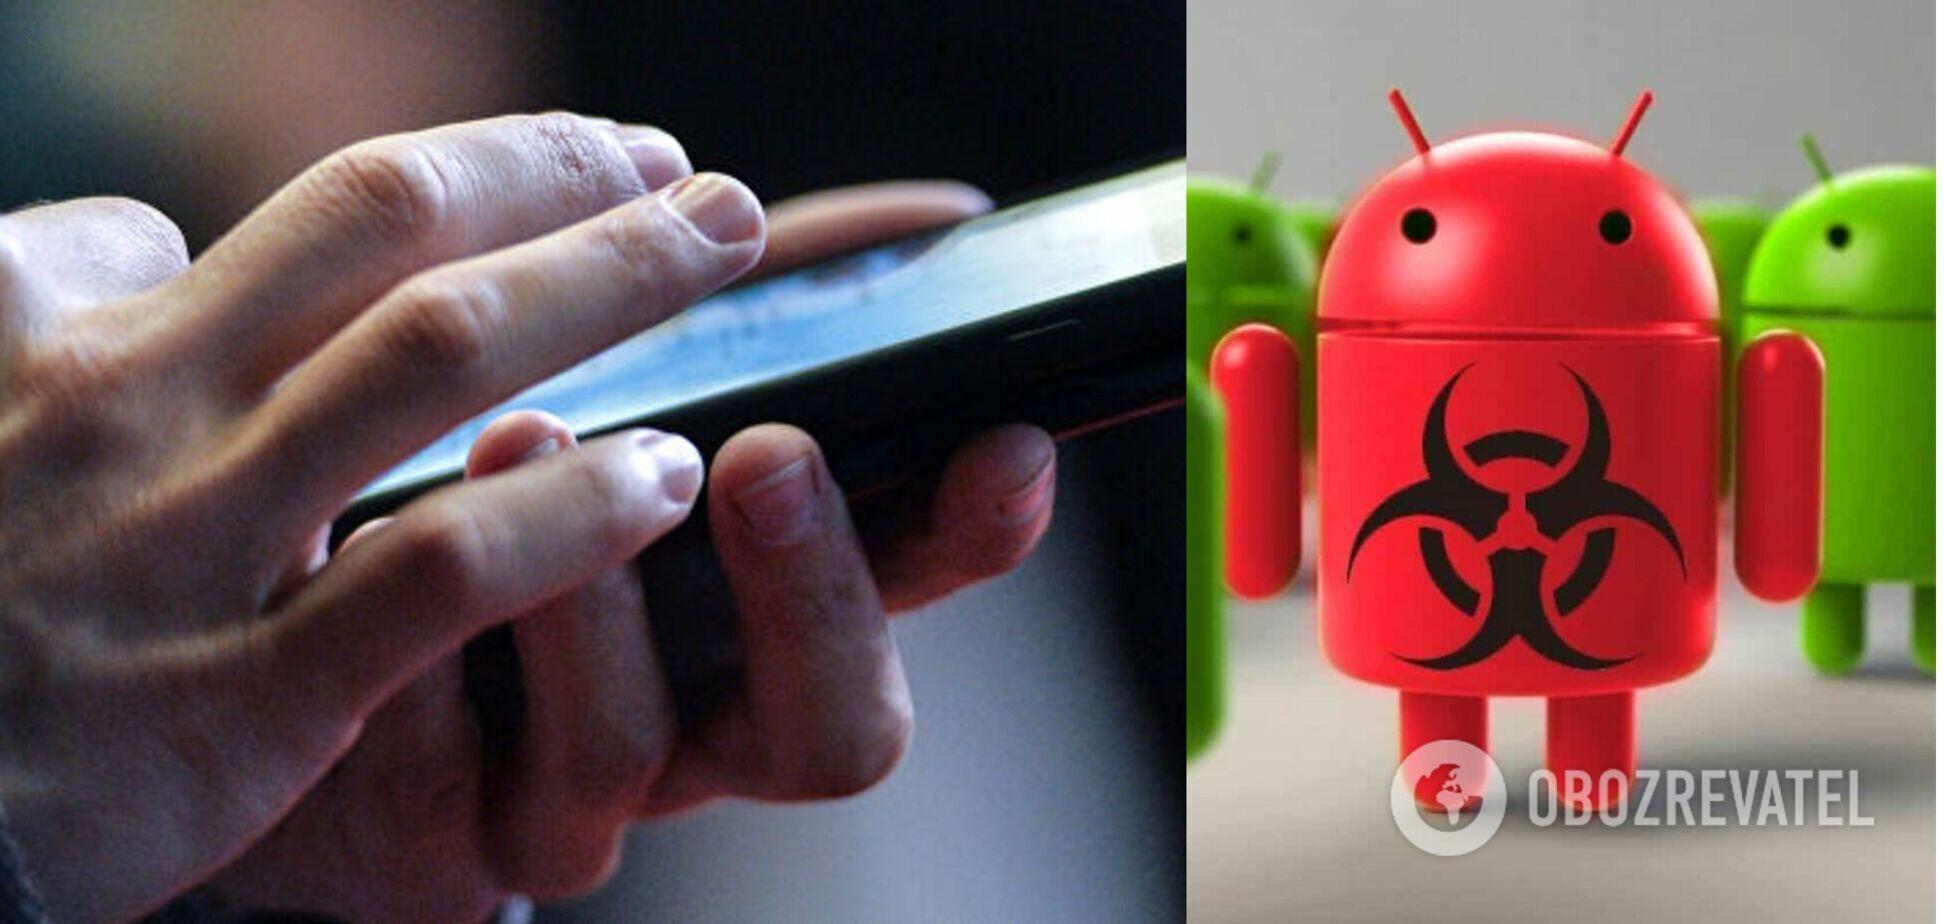 Android-вірус, який краде банківські паролі, атакував смартфони: що потрібно знати